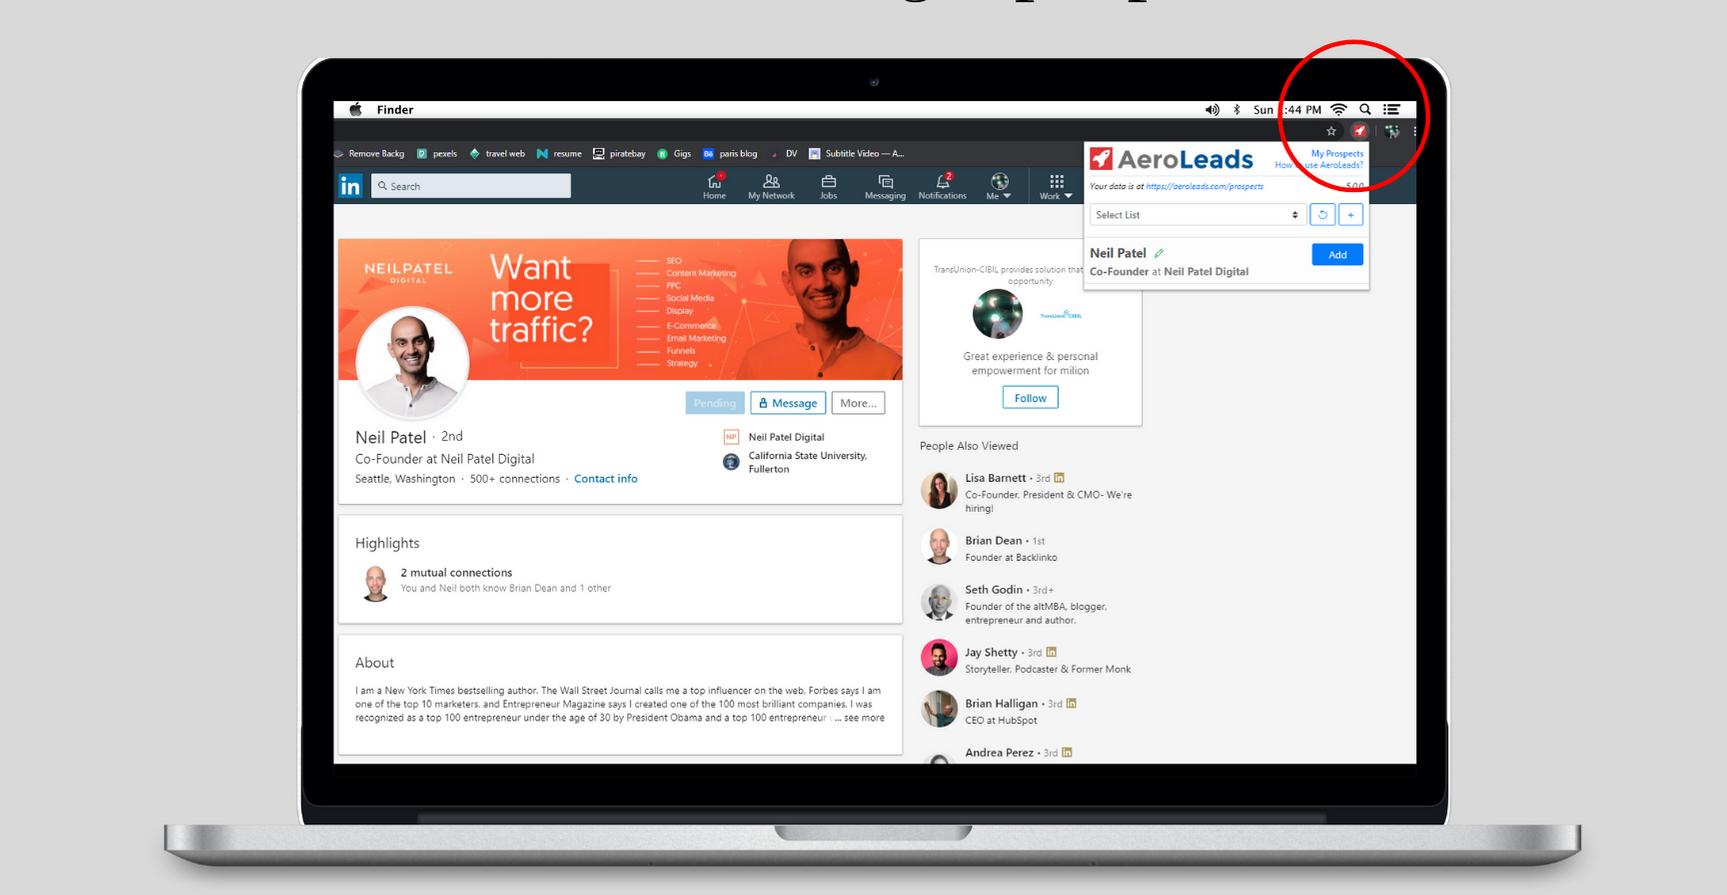 linkedin automation tools - aeroleads